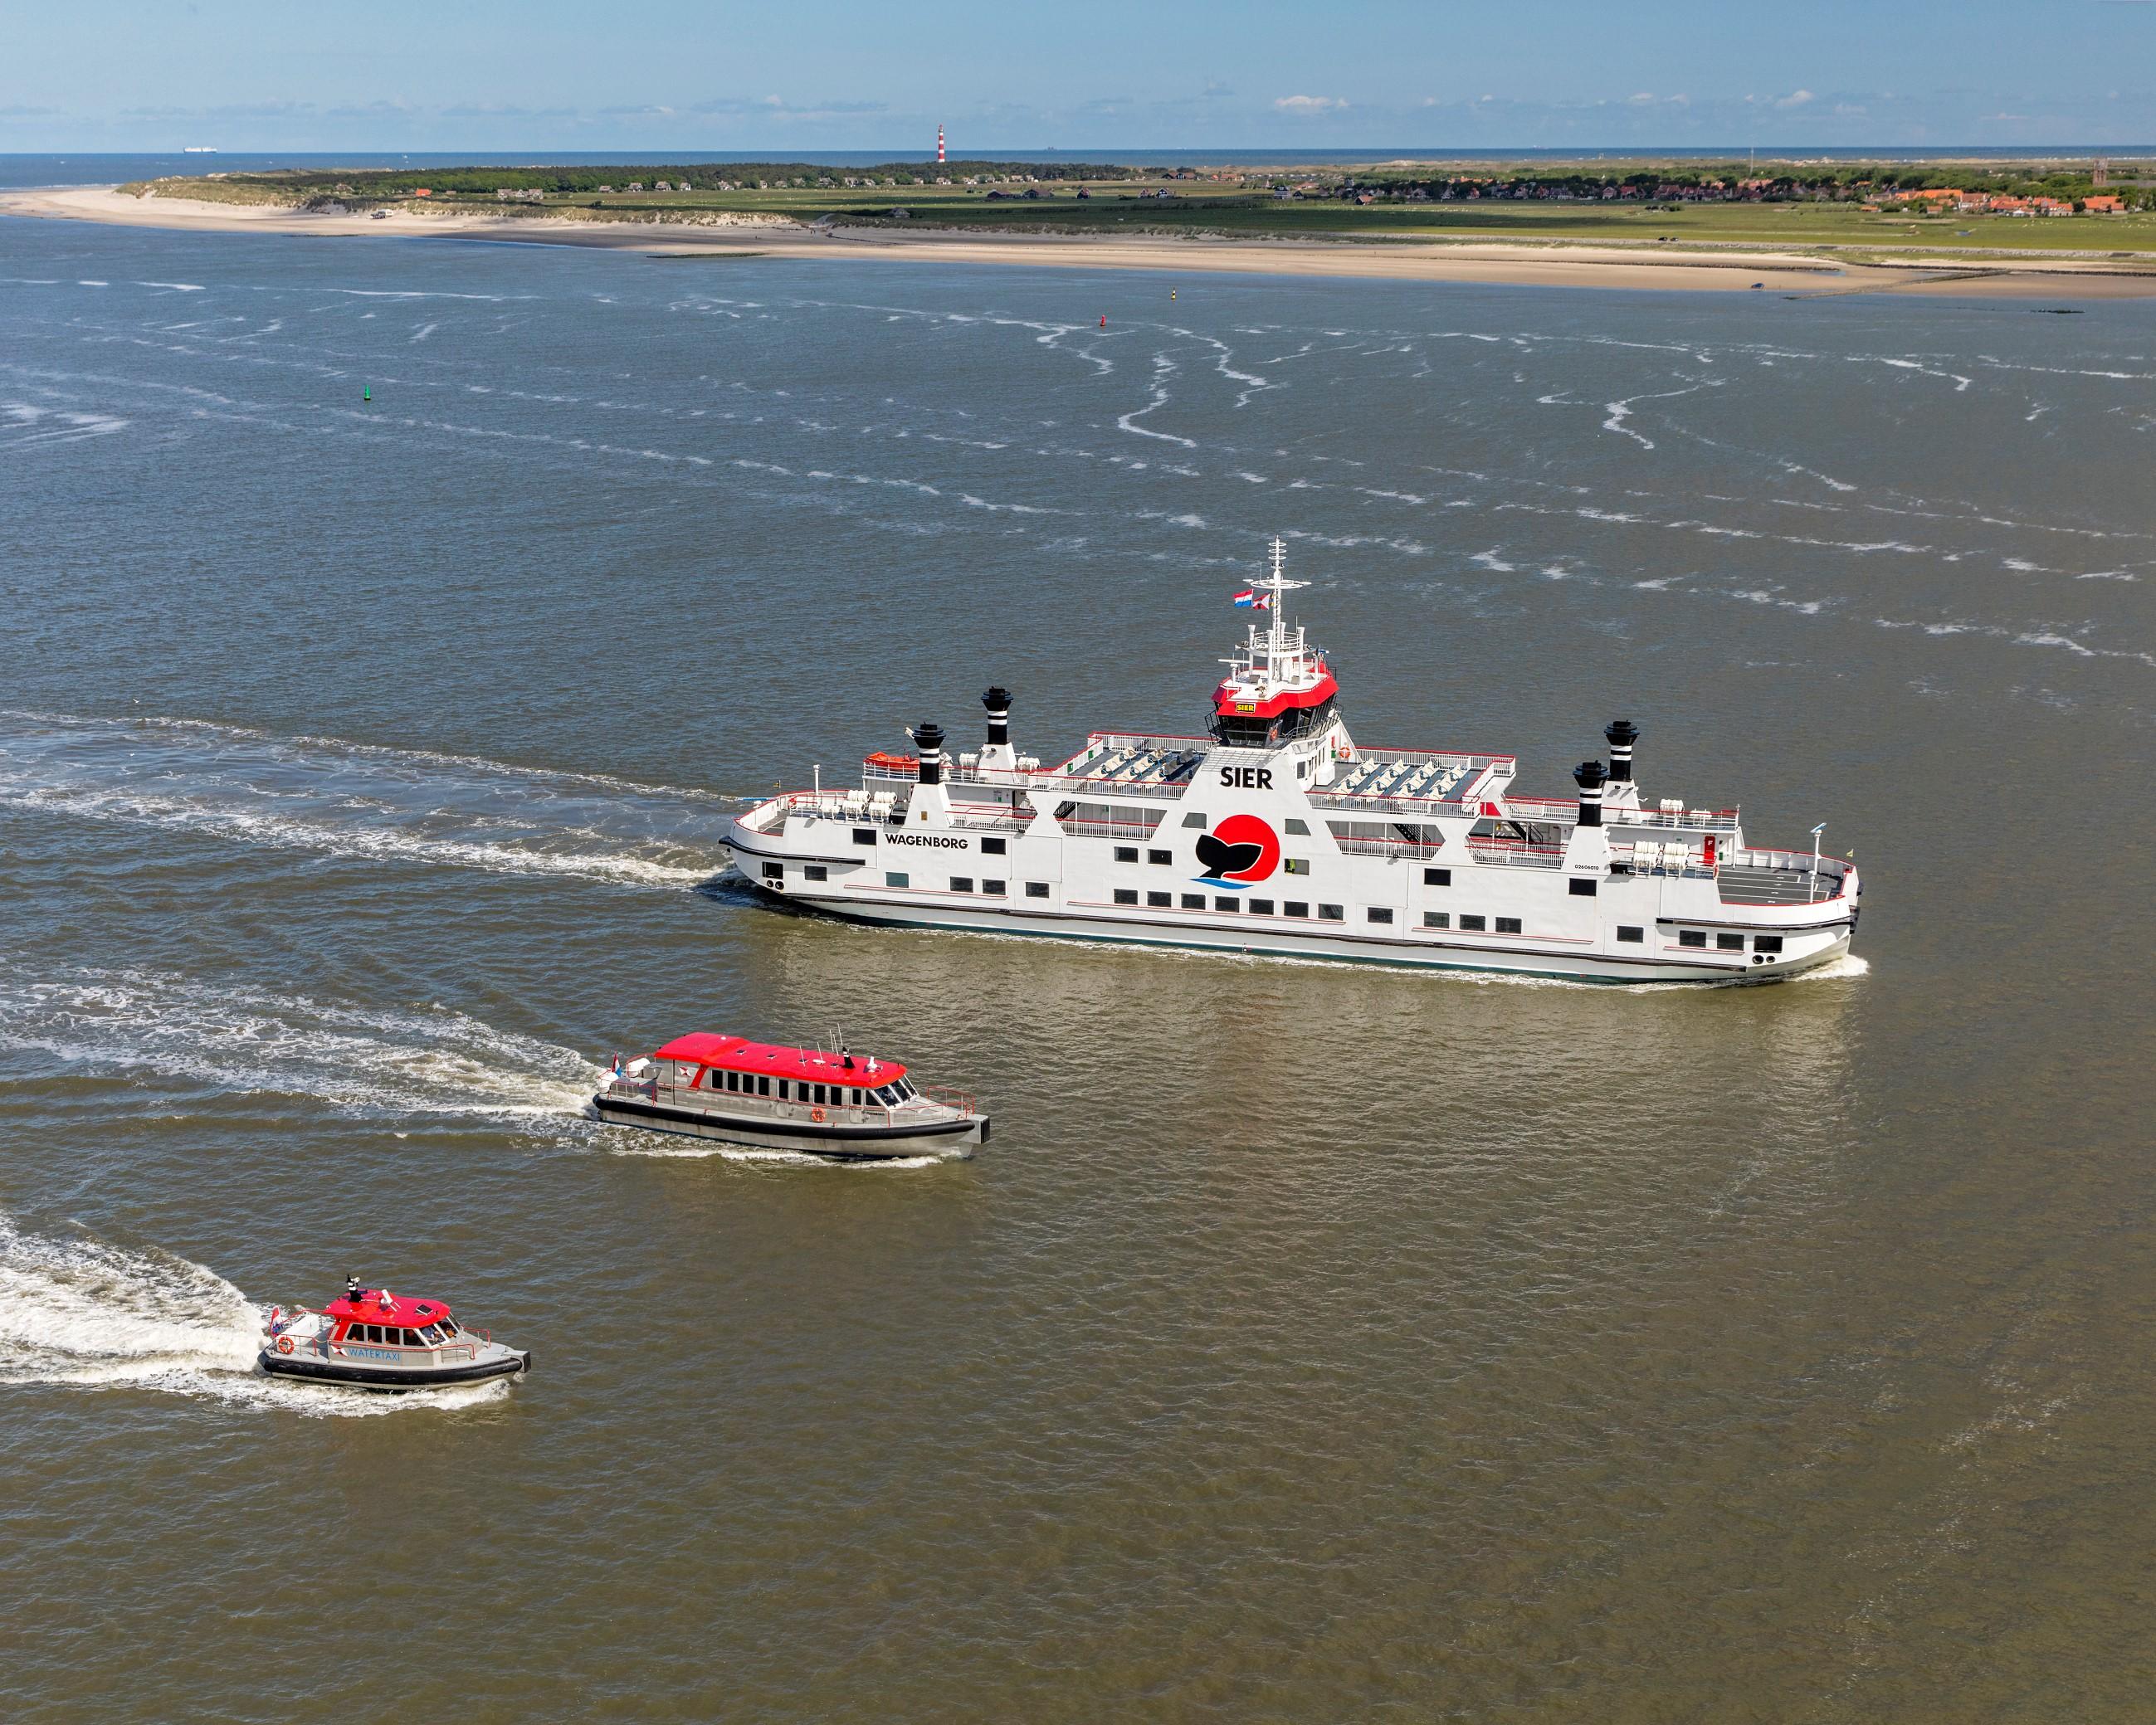 Veerboot de Sier naar Ameland